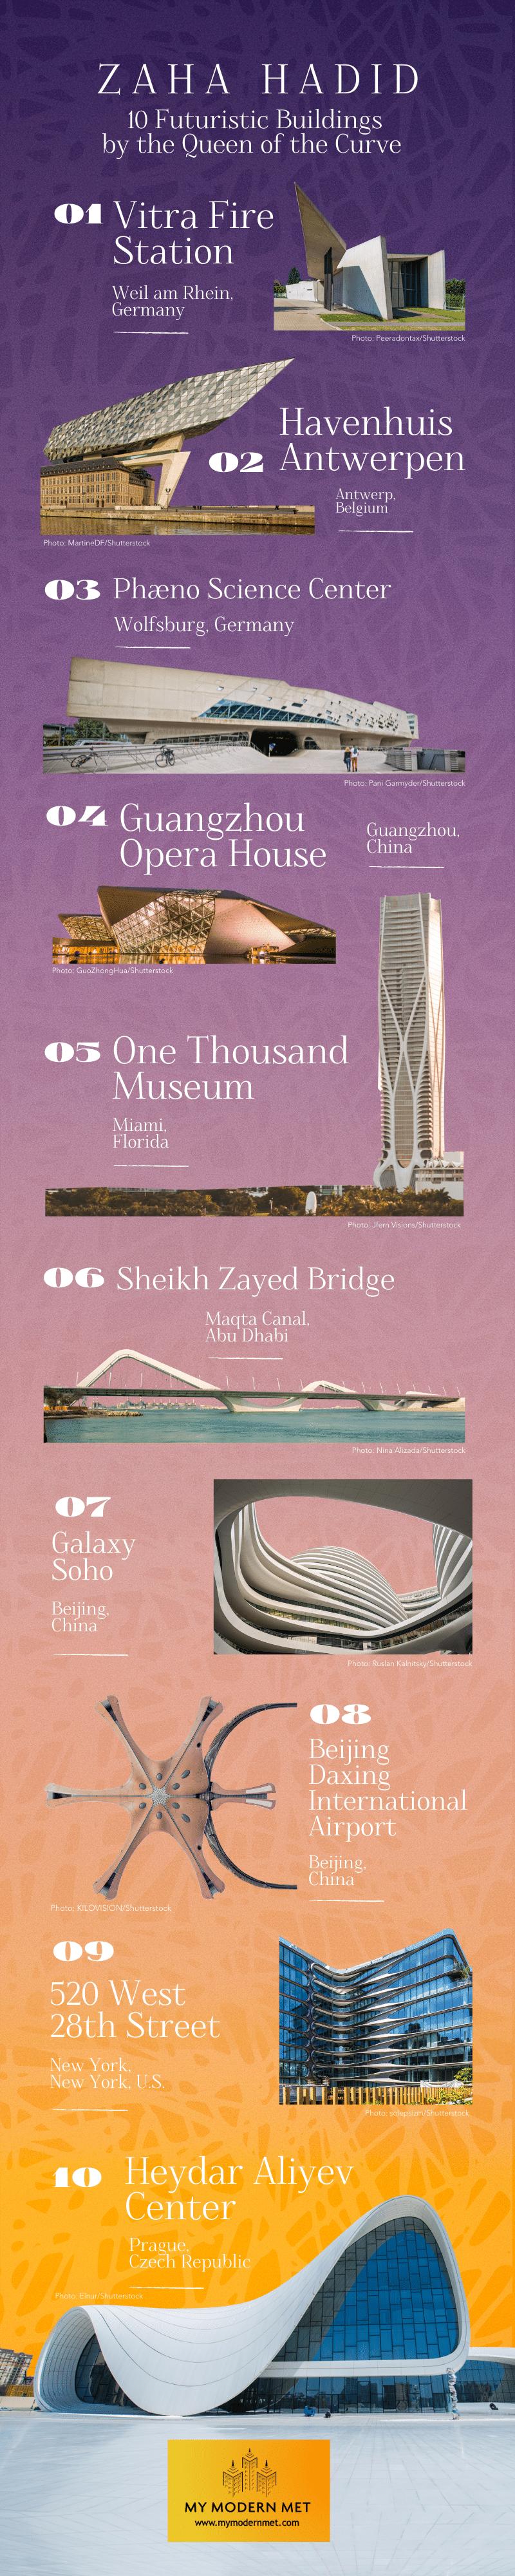 Zaha Hadid Infographic